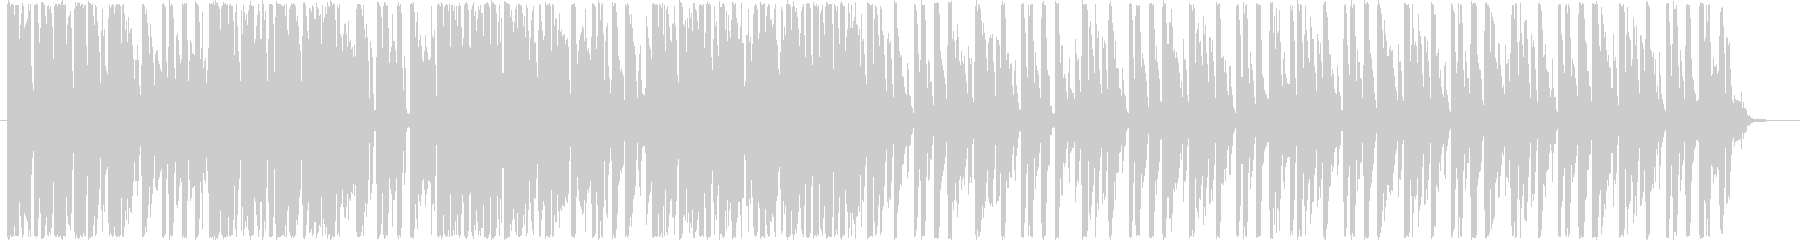 ゆったりしたテンポのループ音源です。の未再生の波形